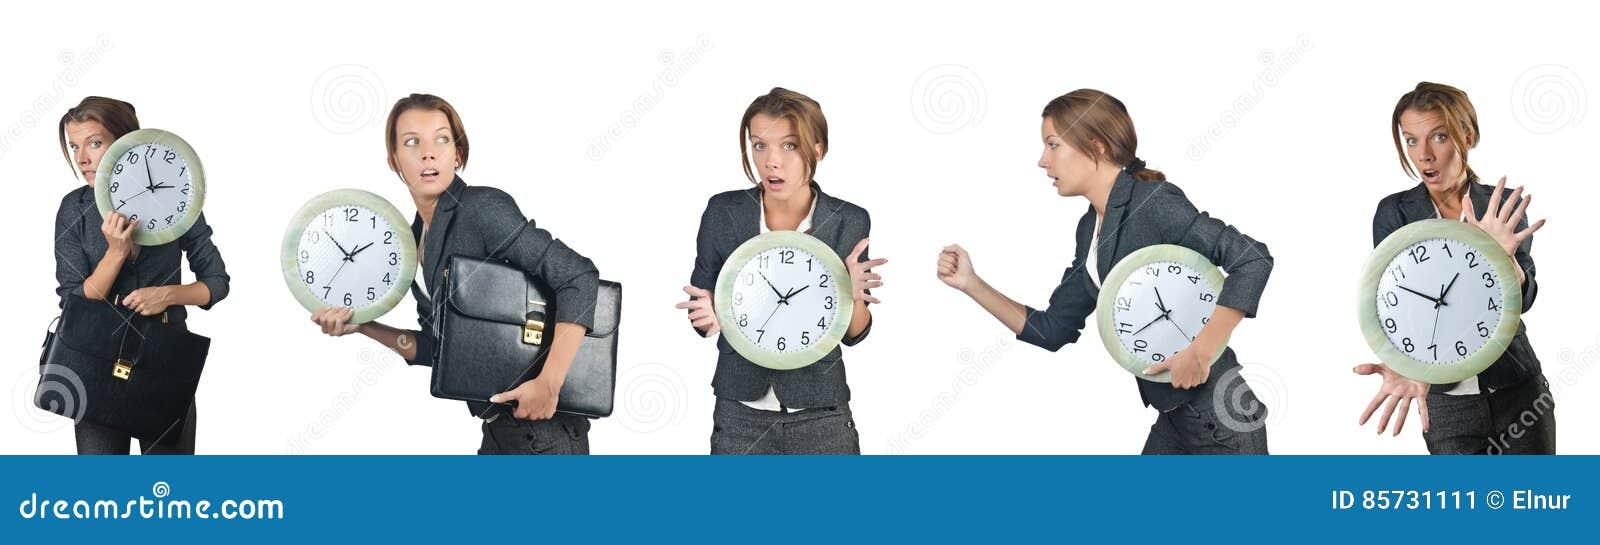 Die Geschäftsfrau mit der Uhr lokalisiert auf Weiß